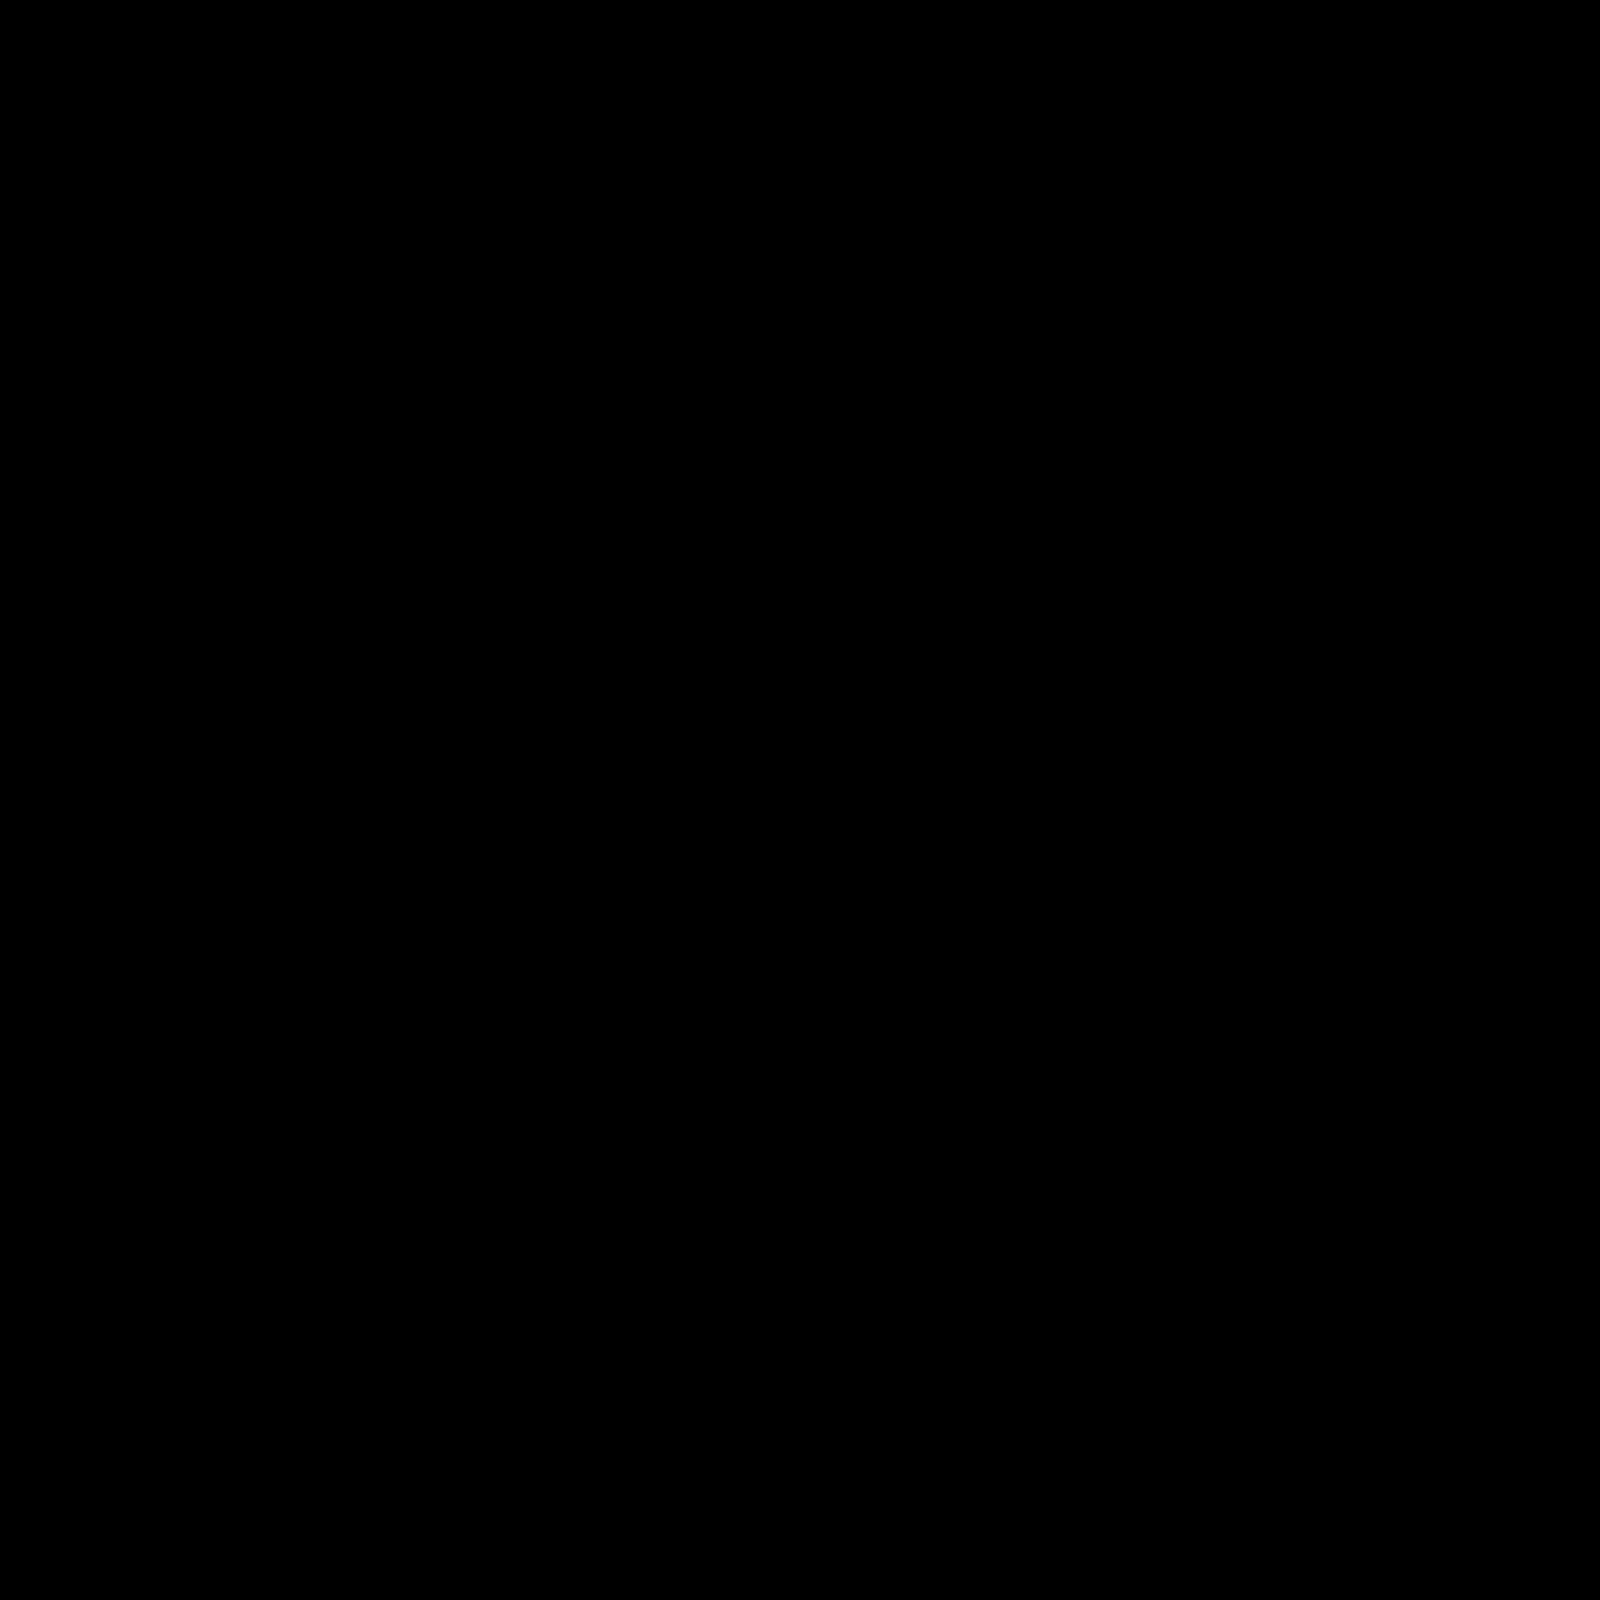 1600x1600 Iphone Icon